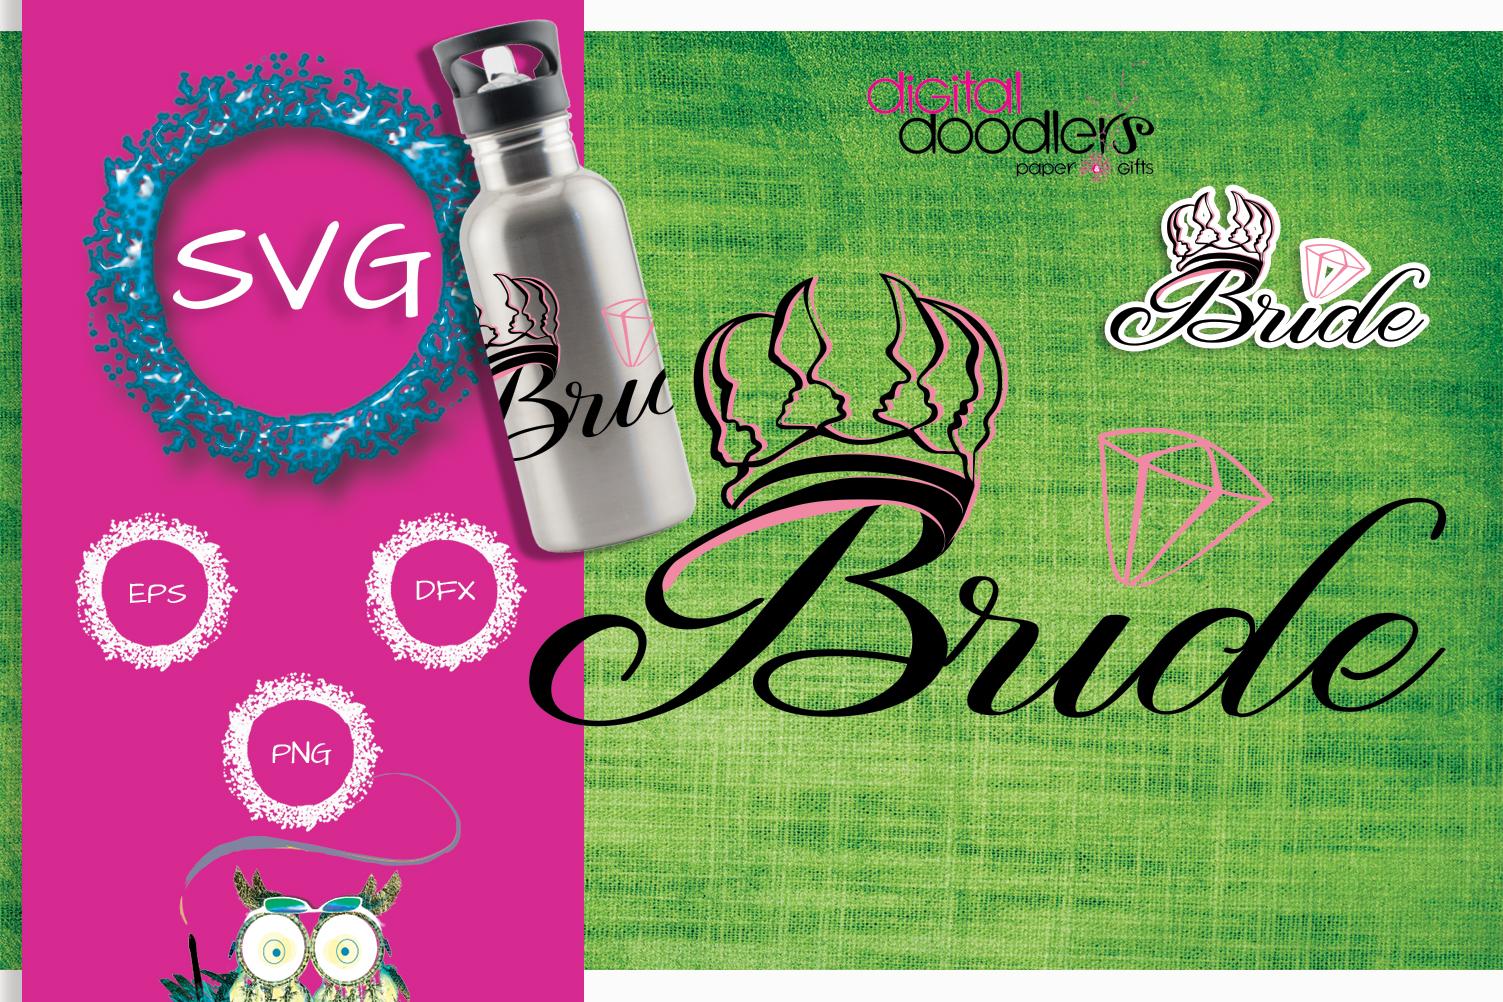 Tiara Bride example image 1